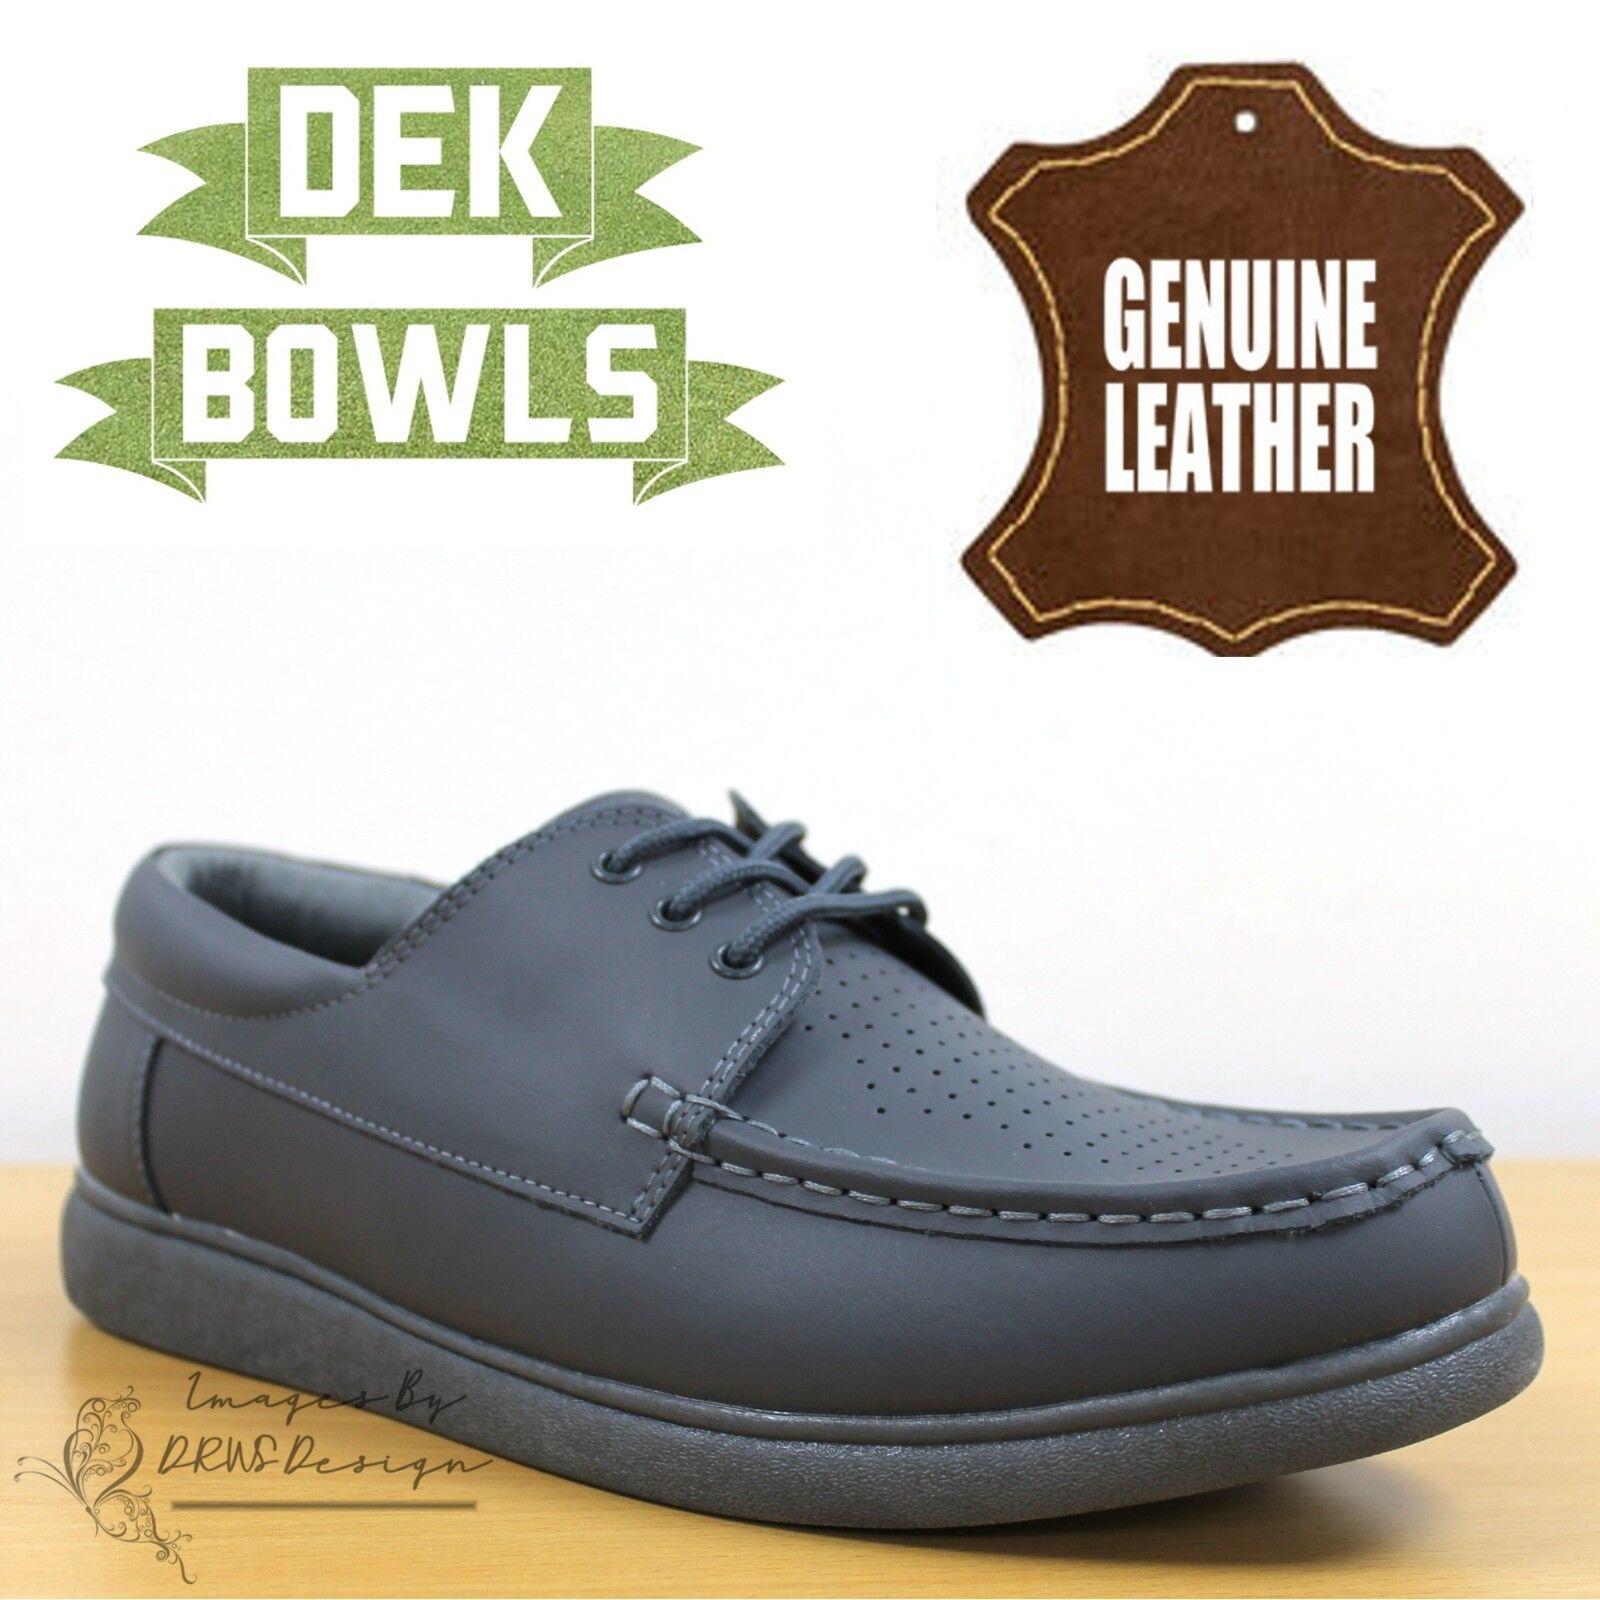 DEK Bowls Unisex Leather Lawn Bowls Trainers Grey Lace Up Men's & Women's shoes